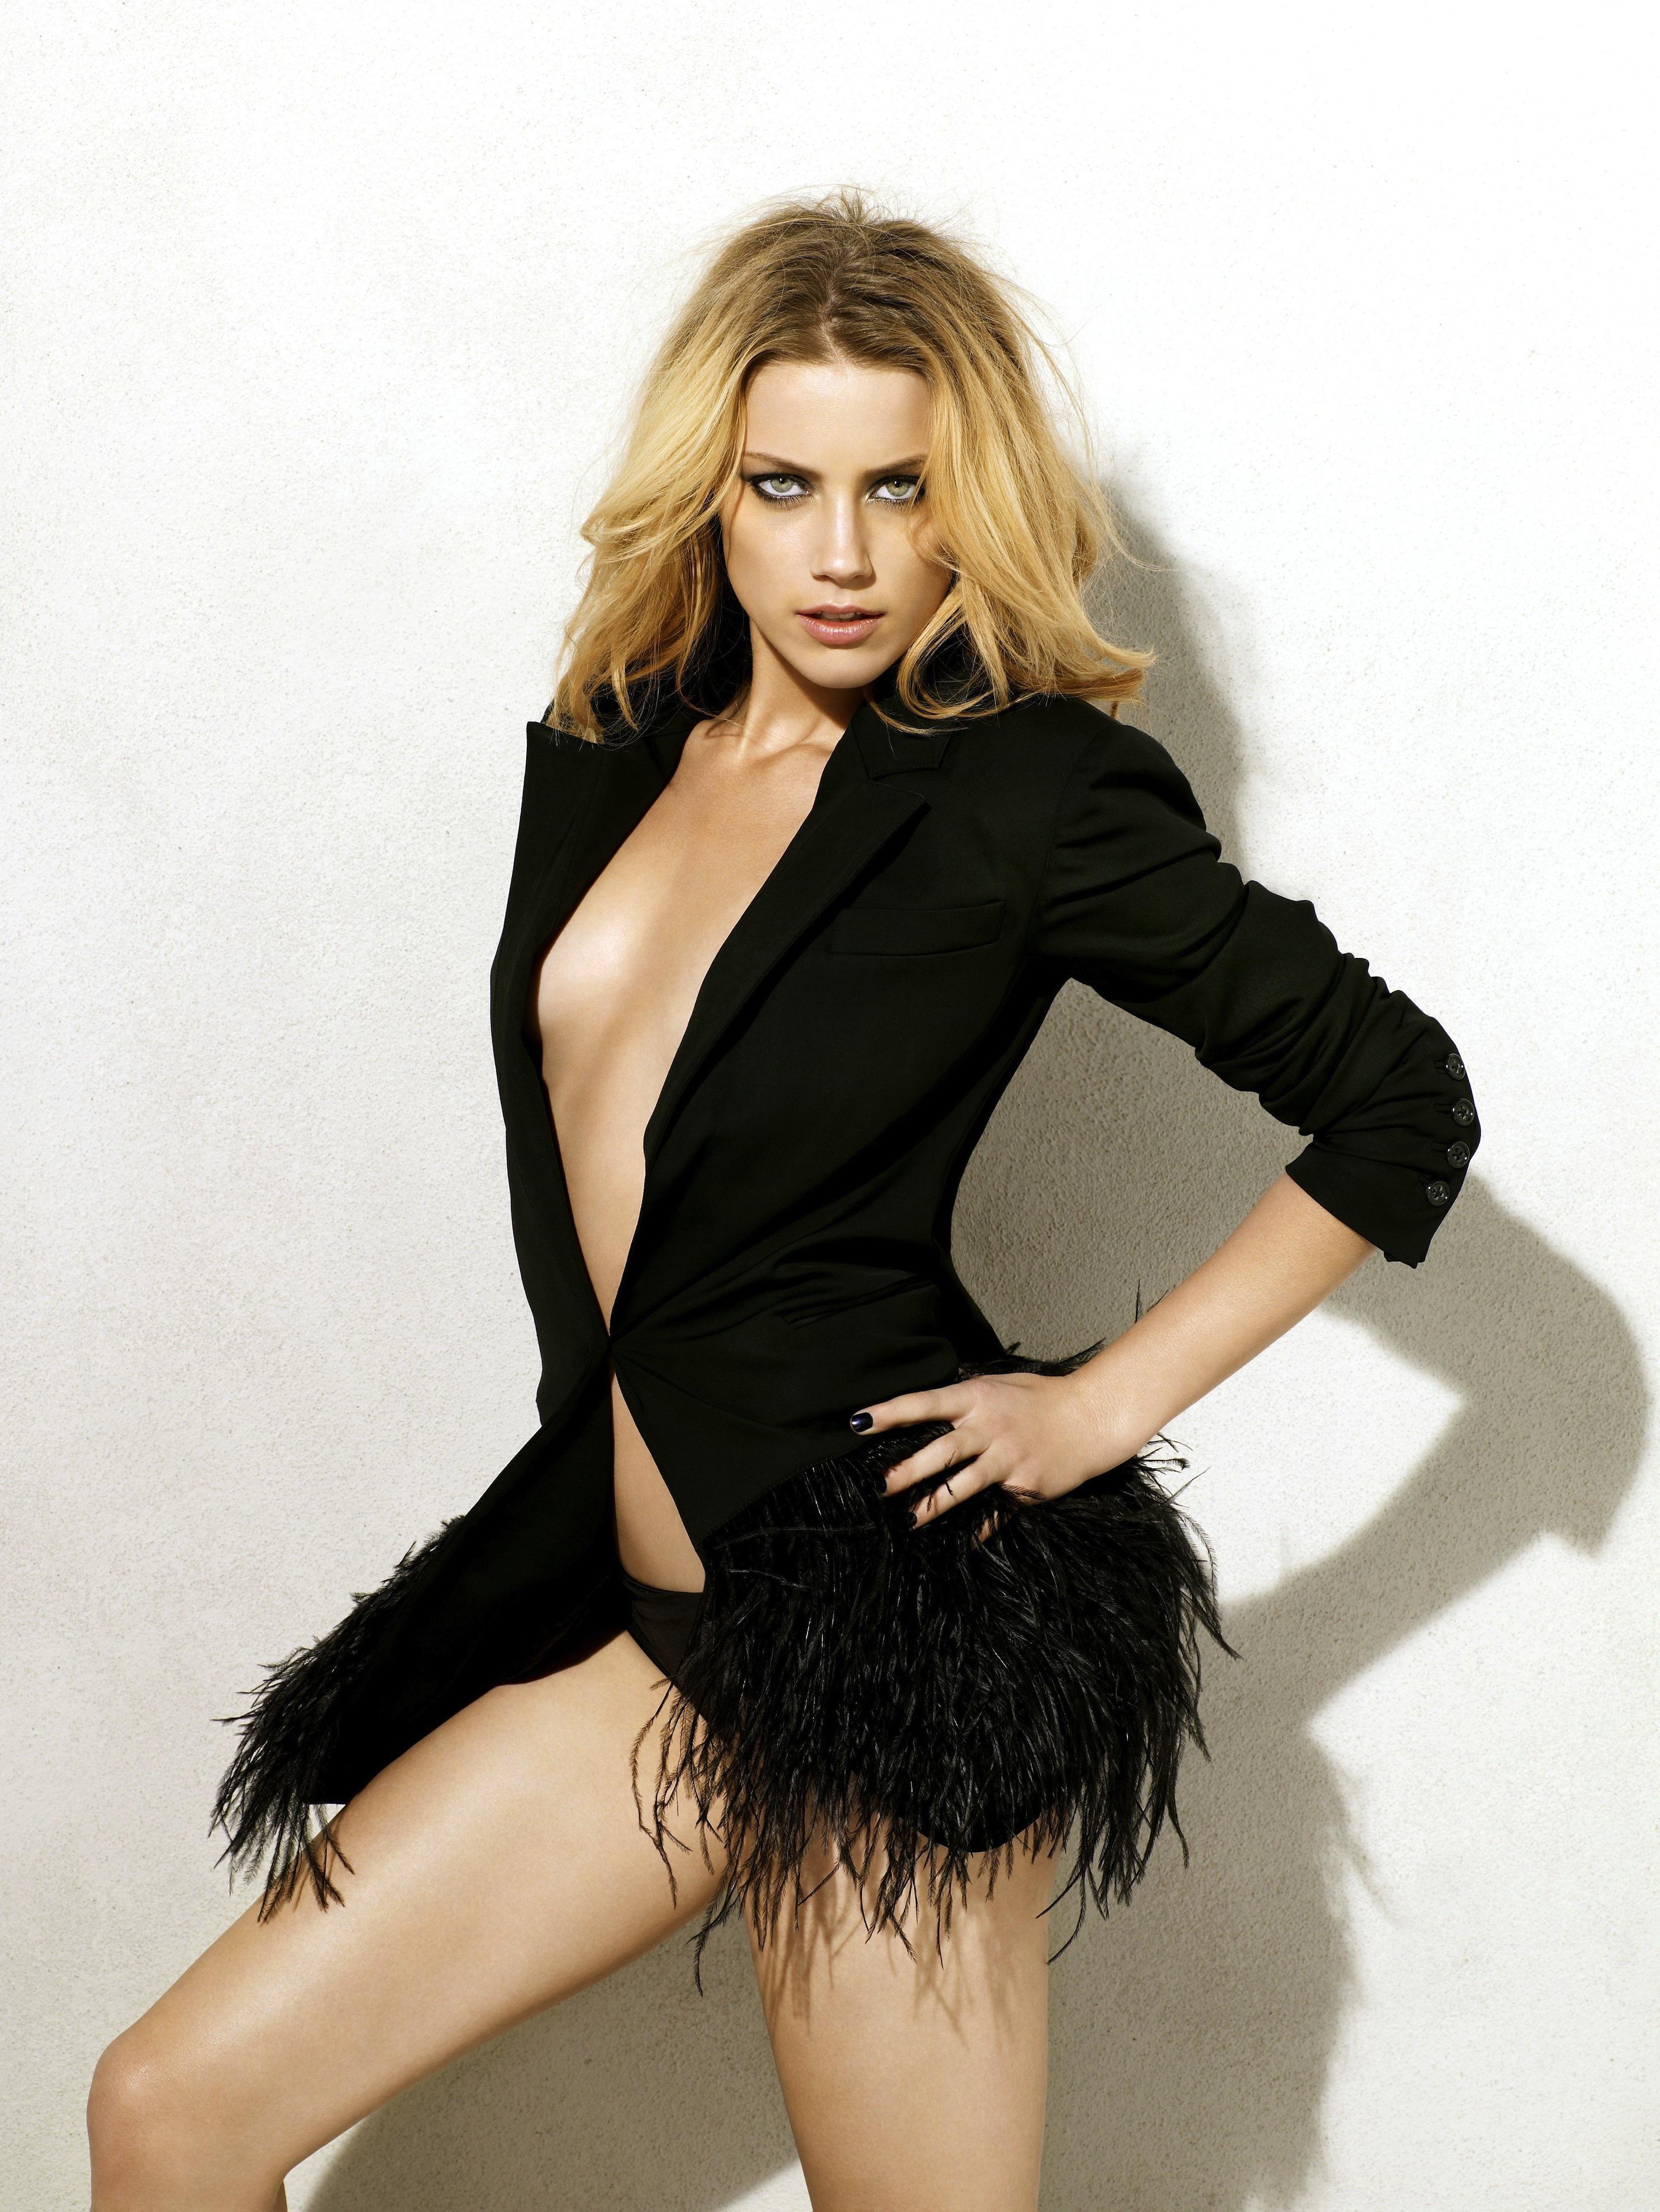 Amber Heard porno famosas